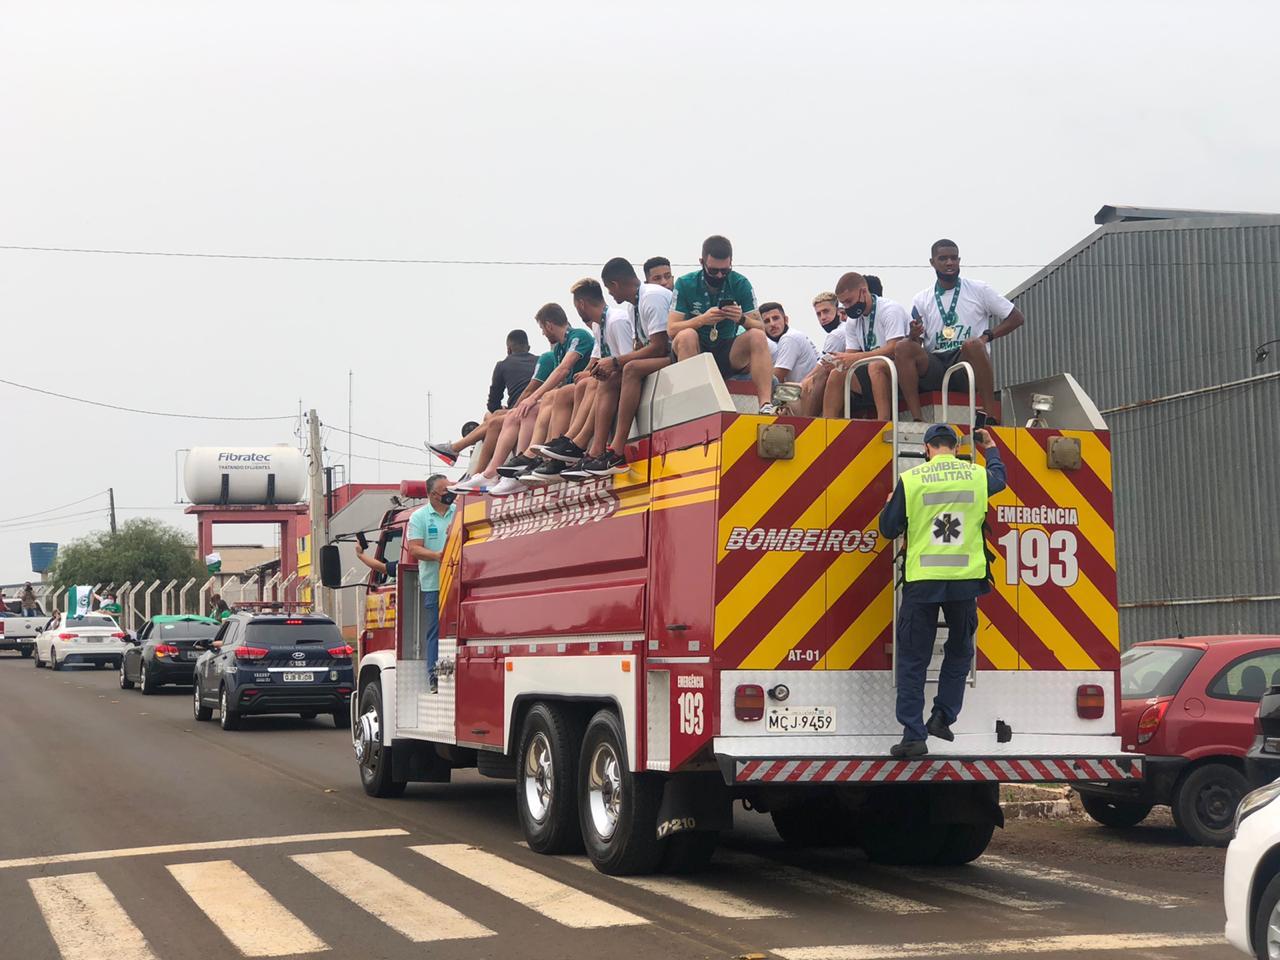 Bombeiros prestaram auxílio para levar os jogadores até o centro de Chapecó - Willian Ricardo/ND